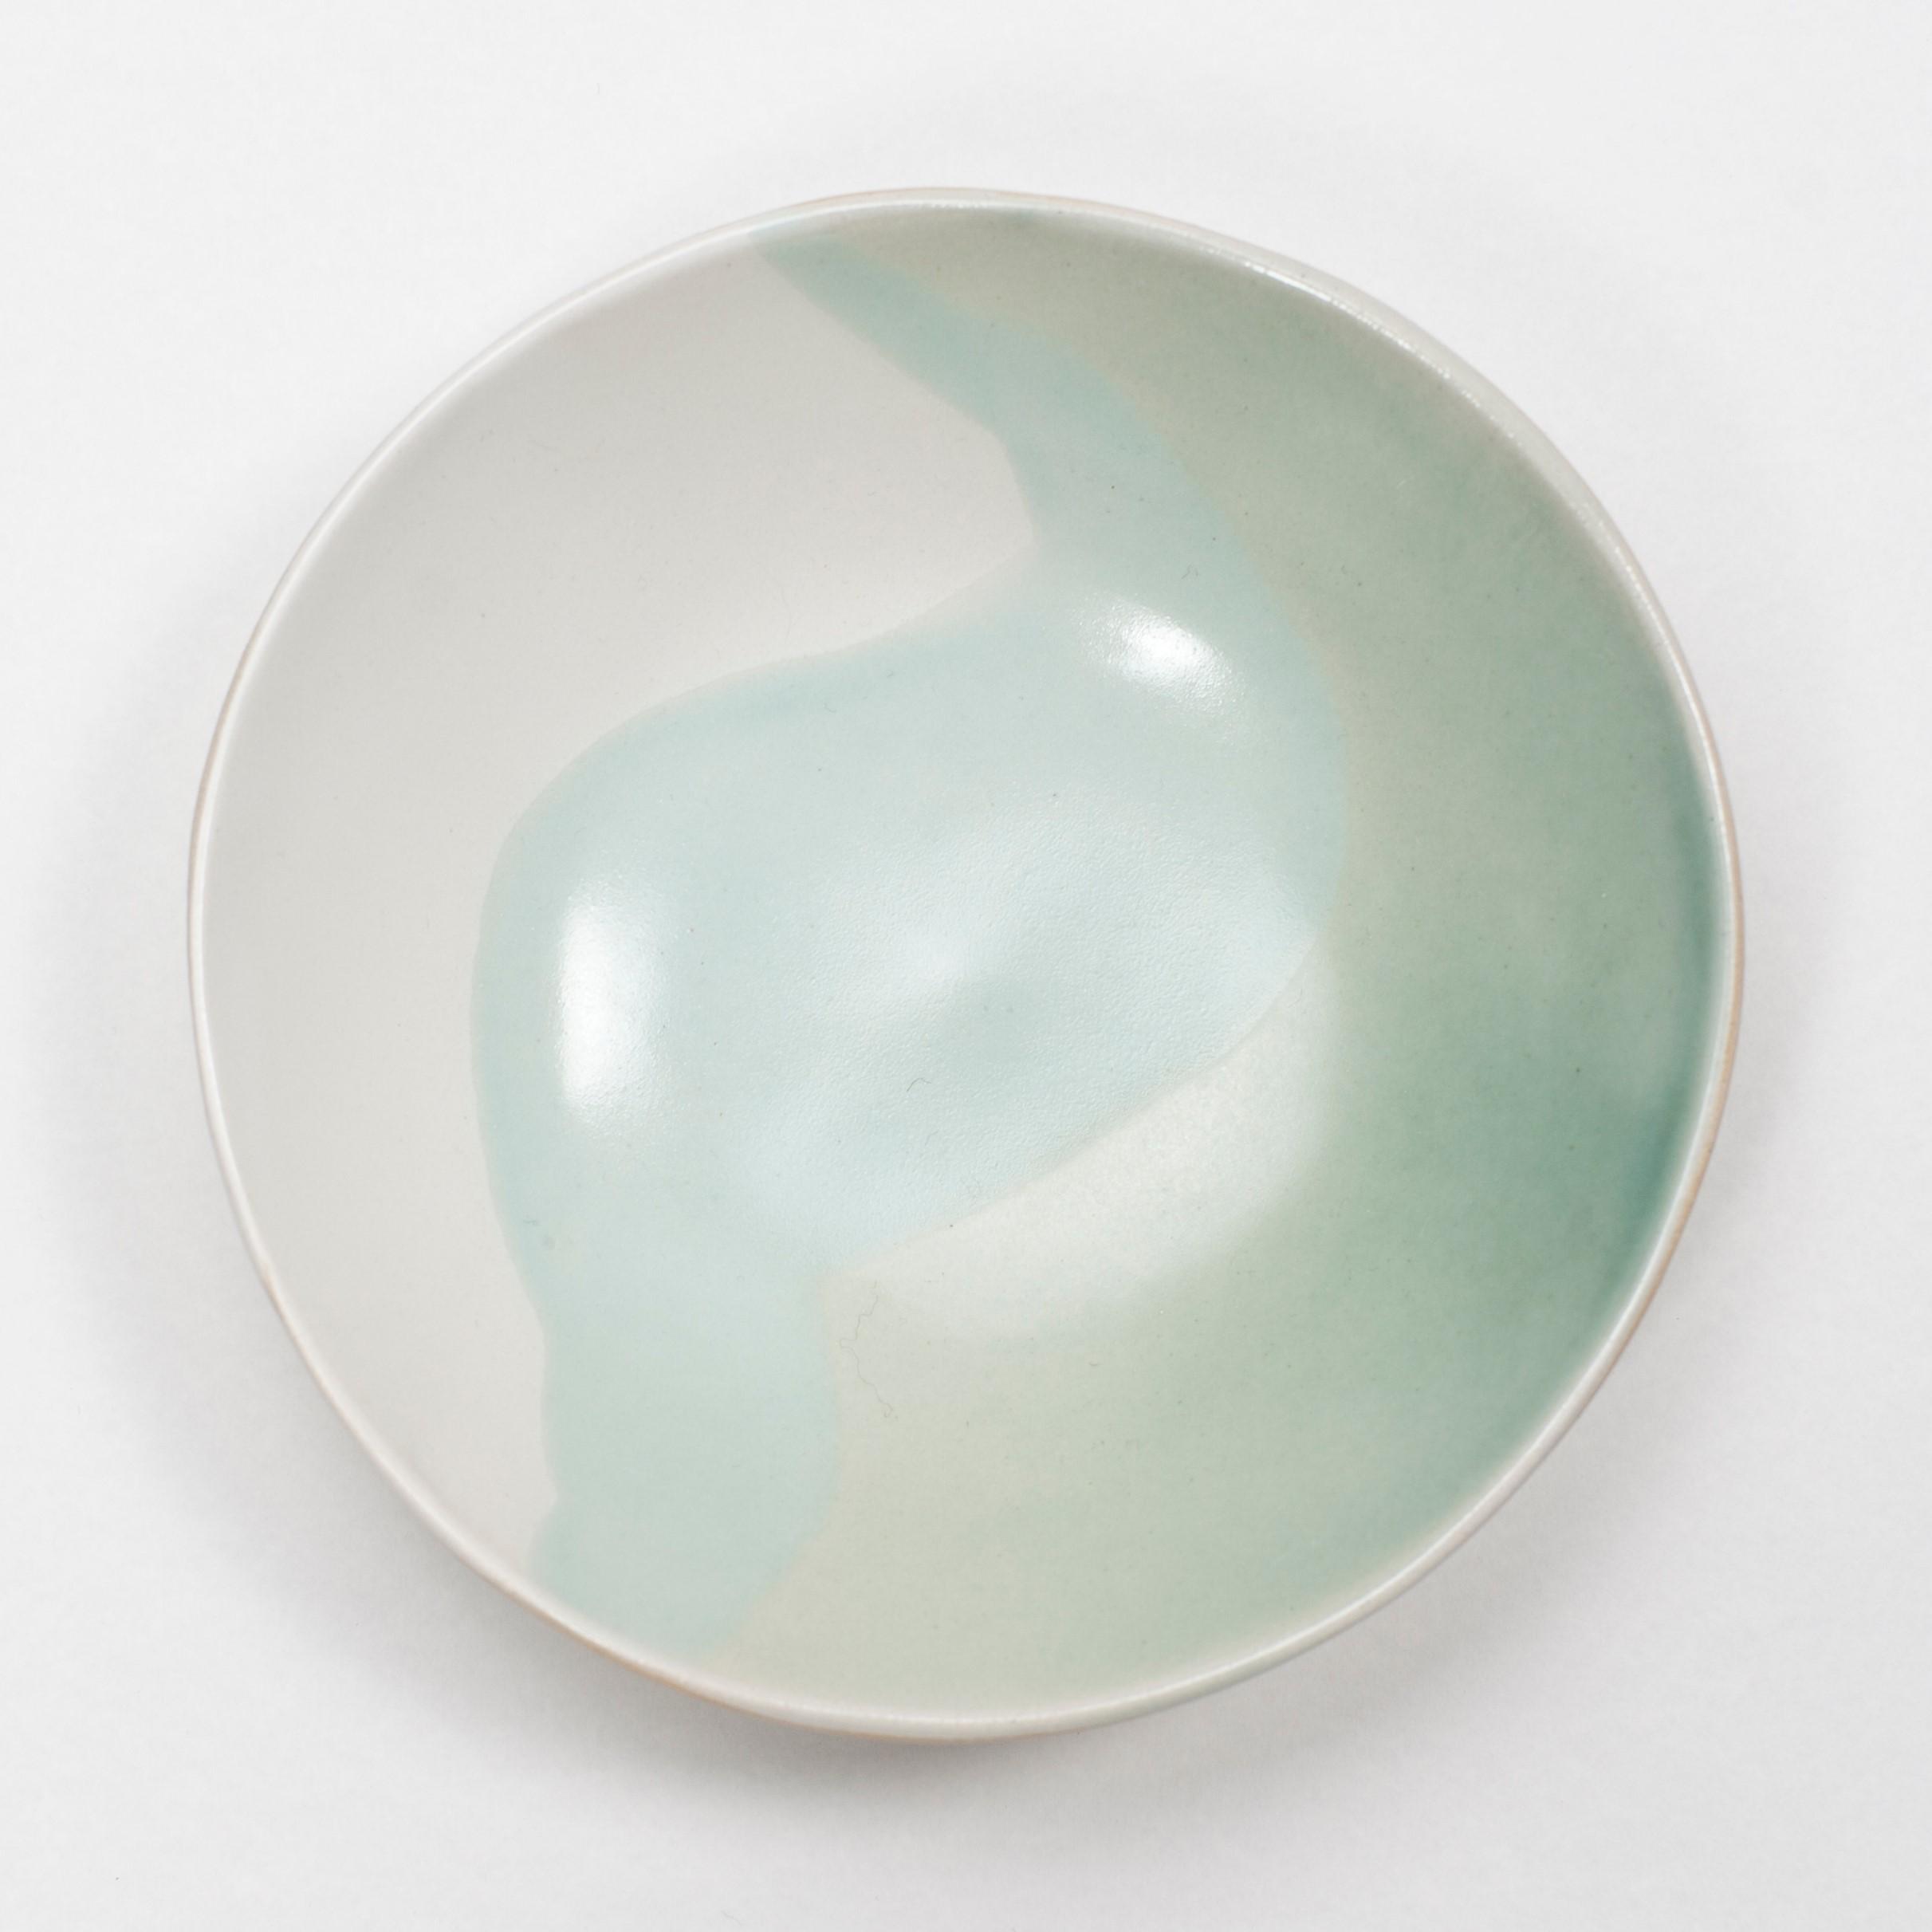 Medium Turquoise Glacier Bowl  ceramic  5 x 19 cm aprox.  £40